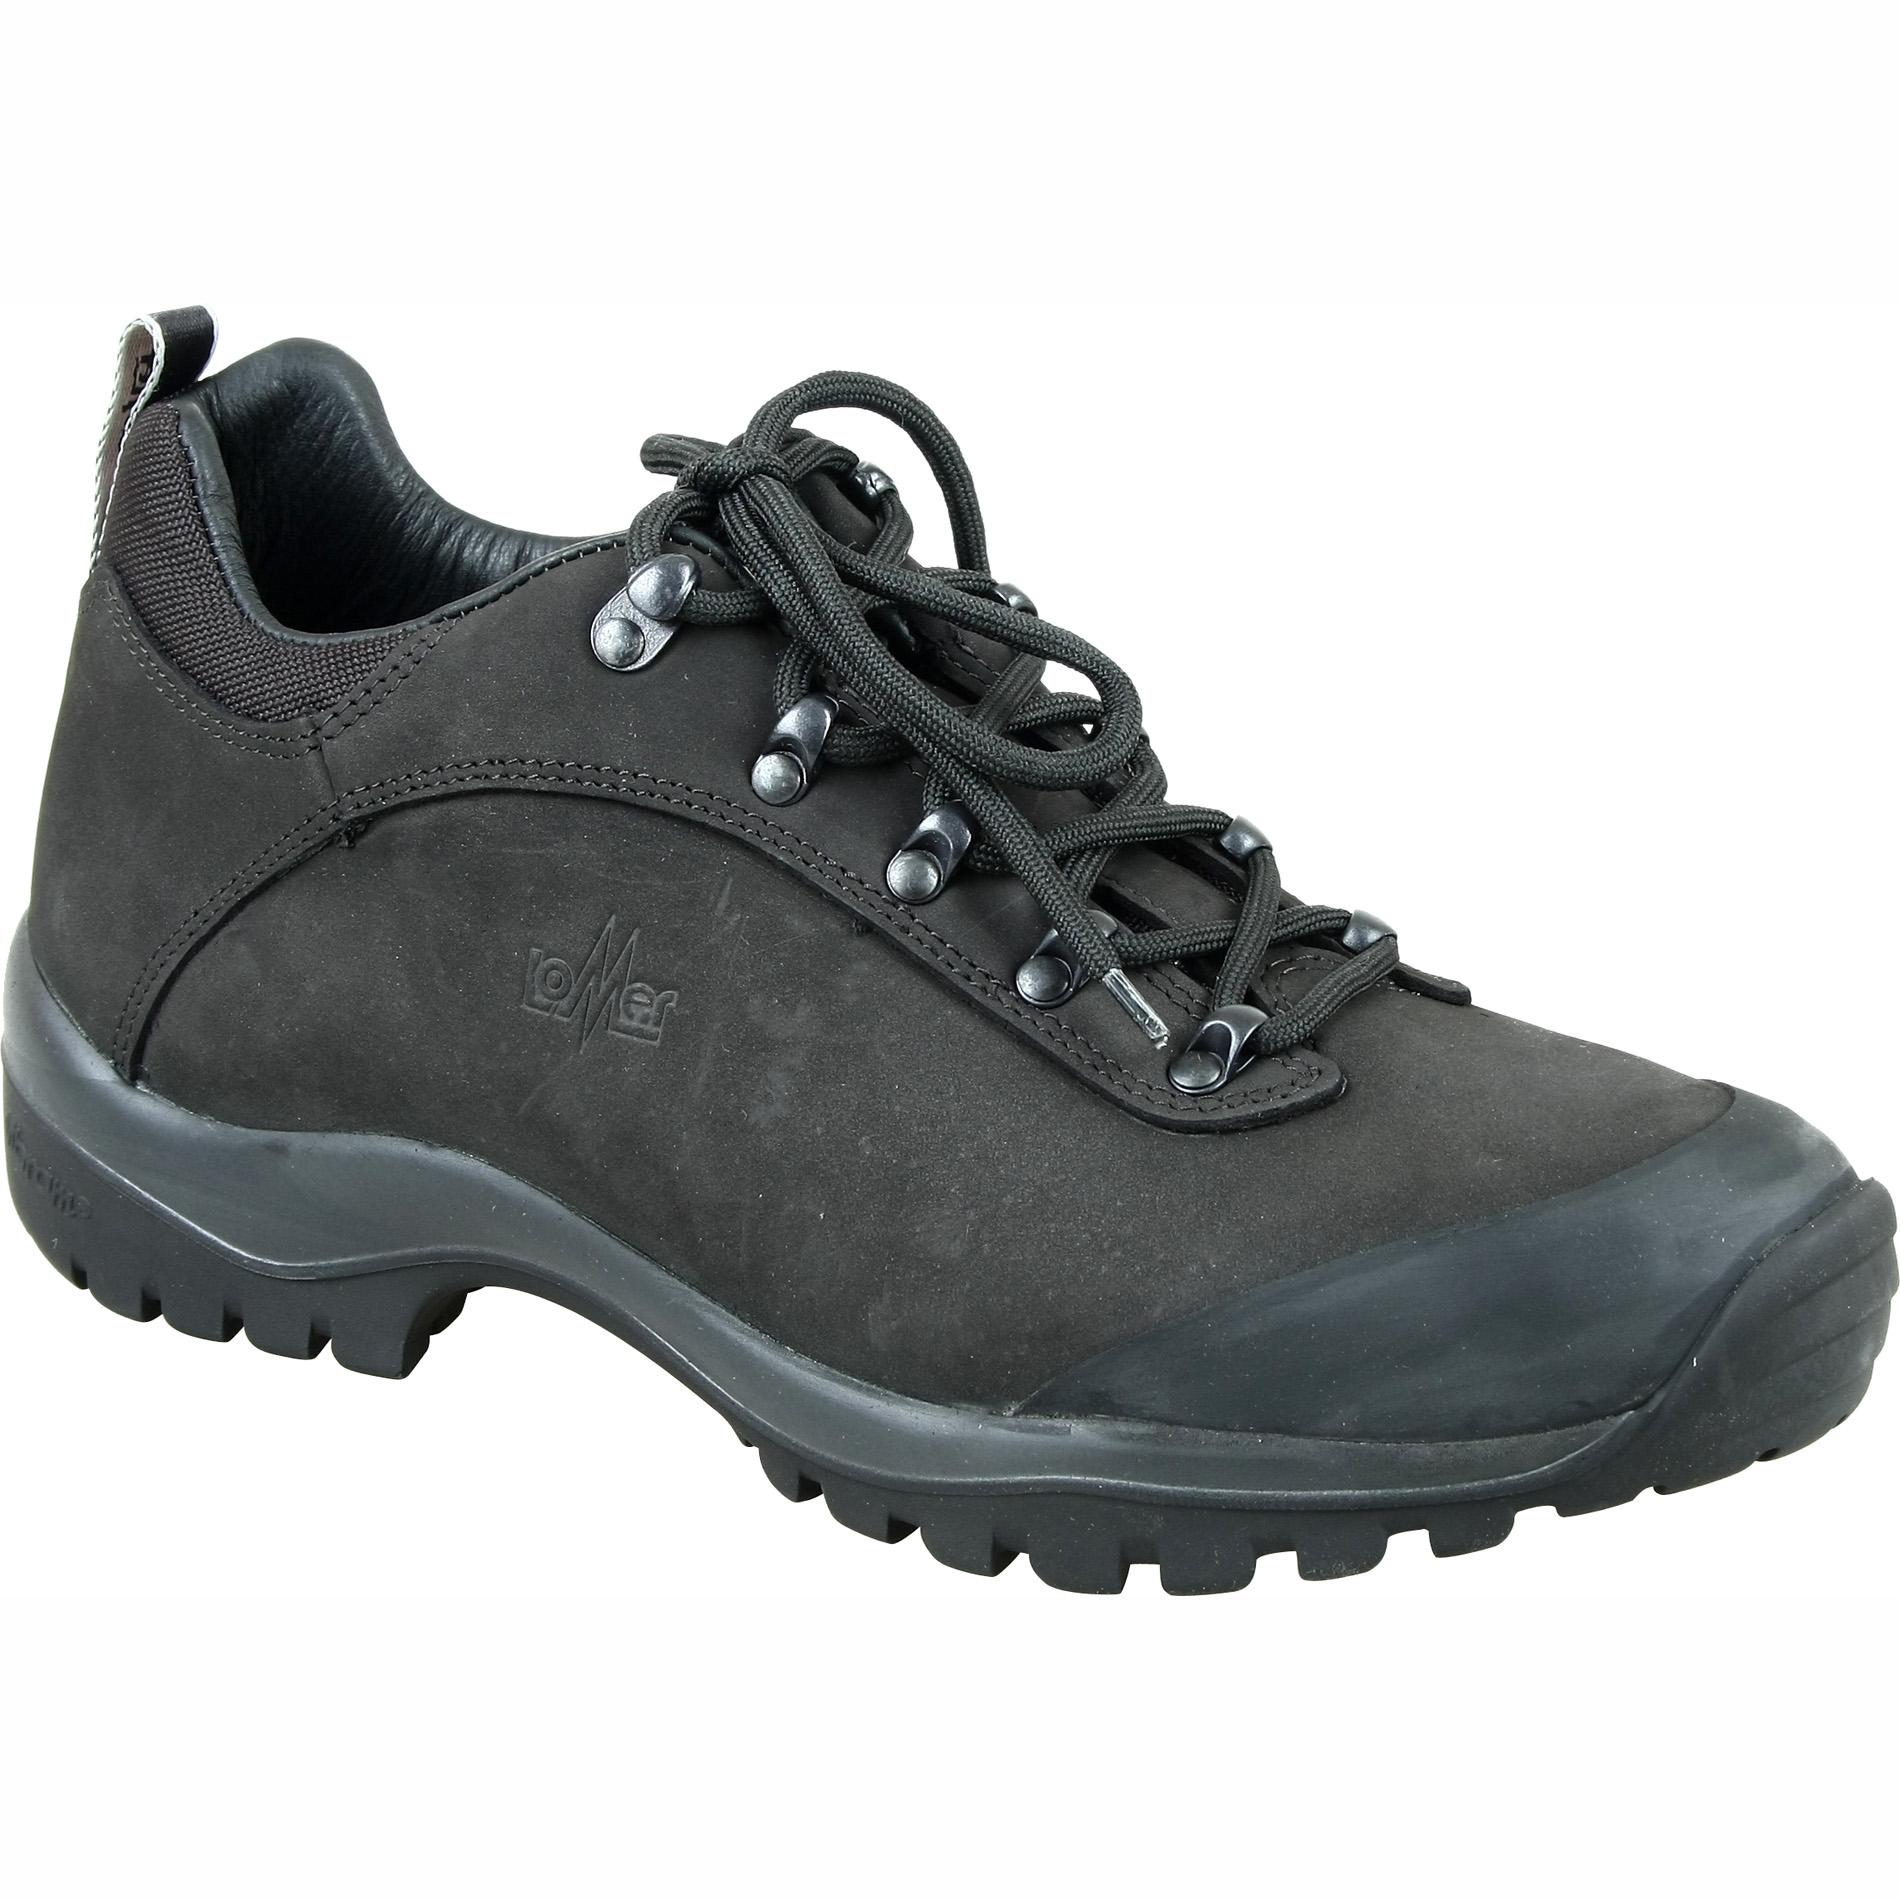 Купить Ботинки трекинговые Lomer Terrain antra/gray, Lomer®